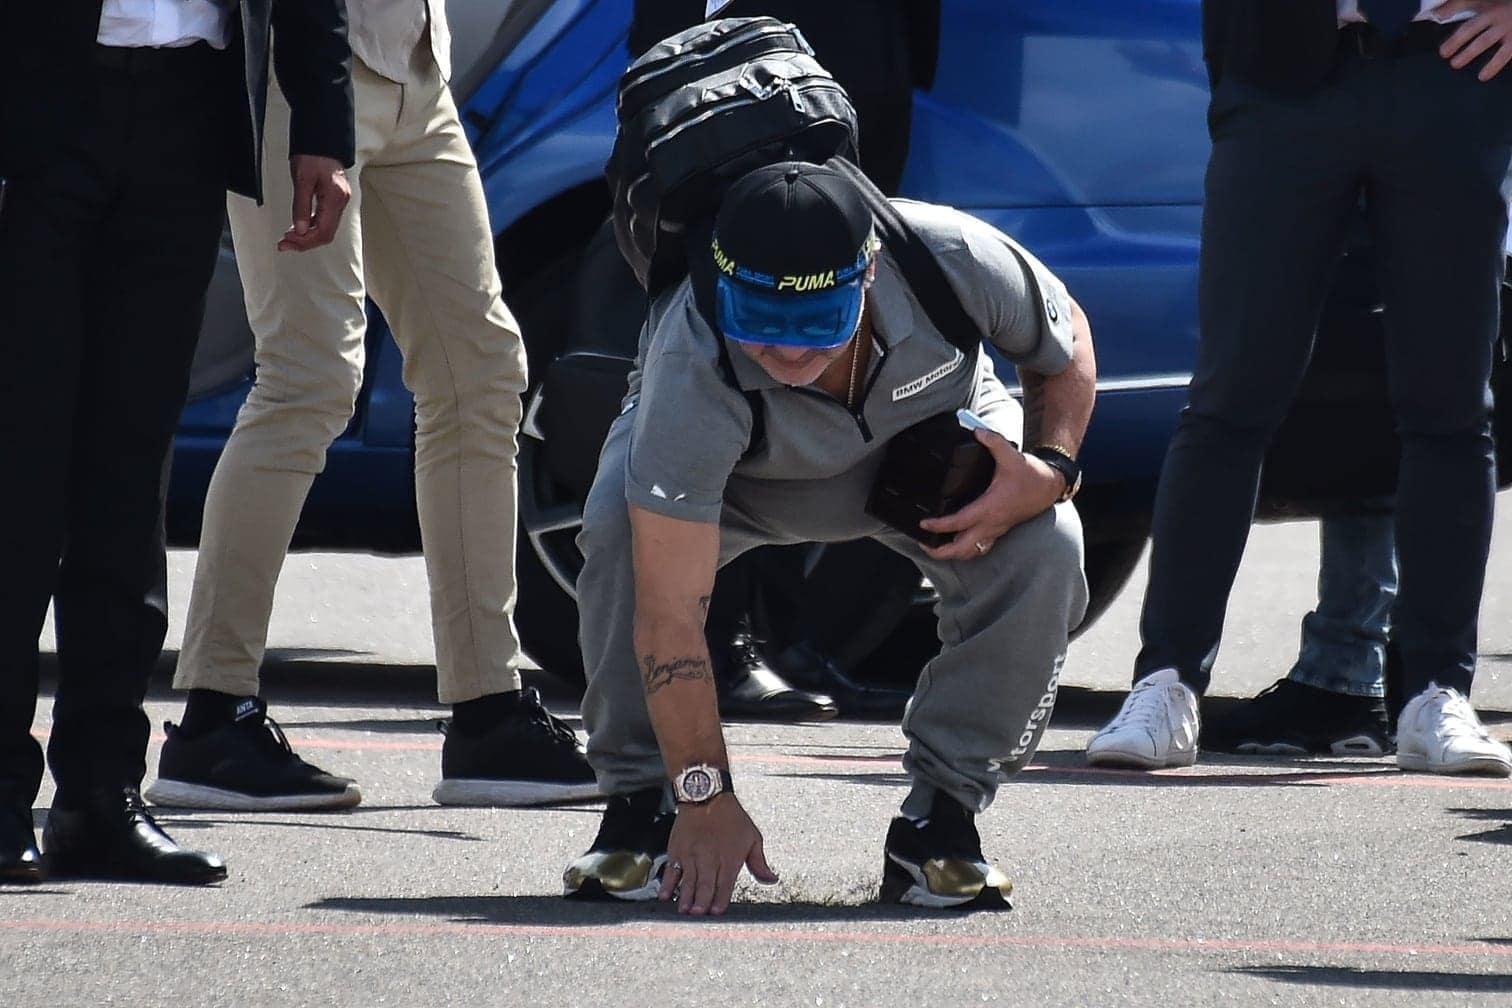 <p>Ankunft am Flughafen: Maradona macht sich zunächst ein Bild von der Bodenbeschaffenheit des Flughafens.</p> Foto: AFP